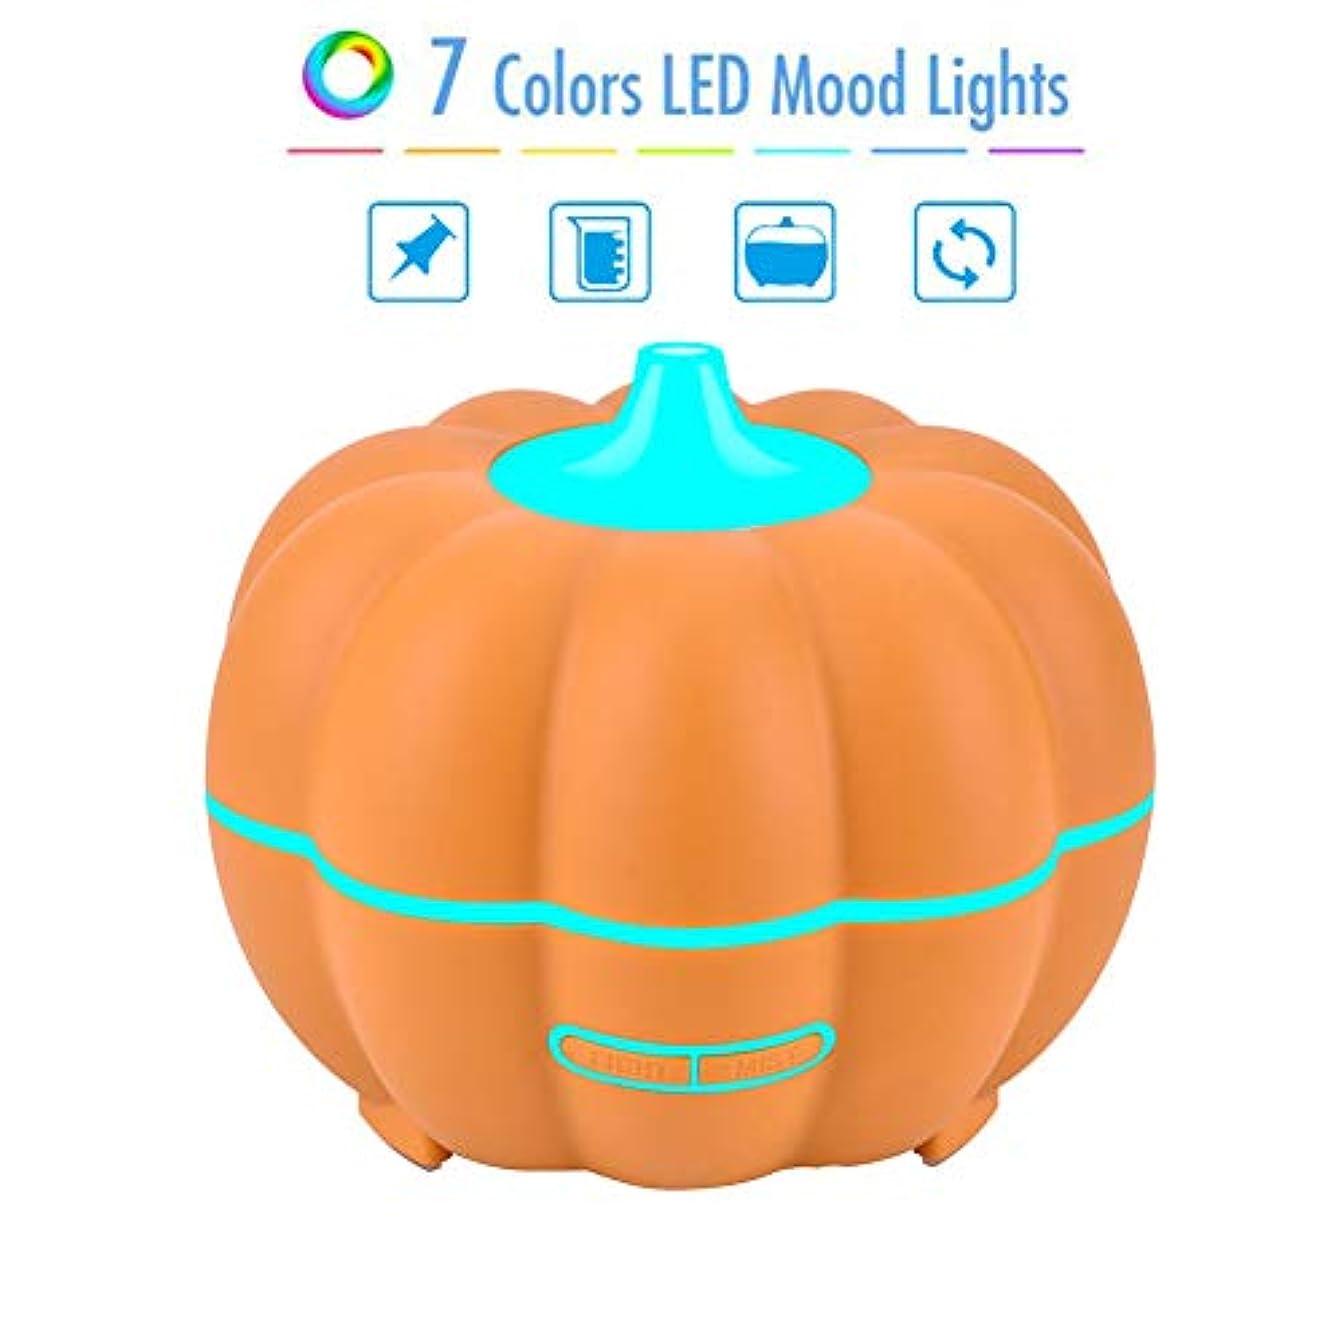 バンクピケグラフィック400ml木目エッセンシャルオイルディフューザー睡眠肌の健康のためのクールミスト付き超音波加湿器ハロウィーンカボチャデザイン,C